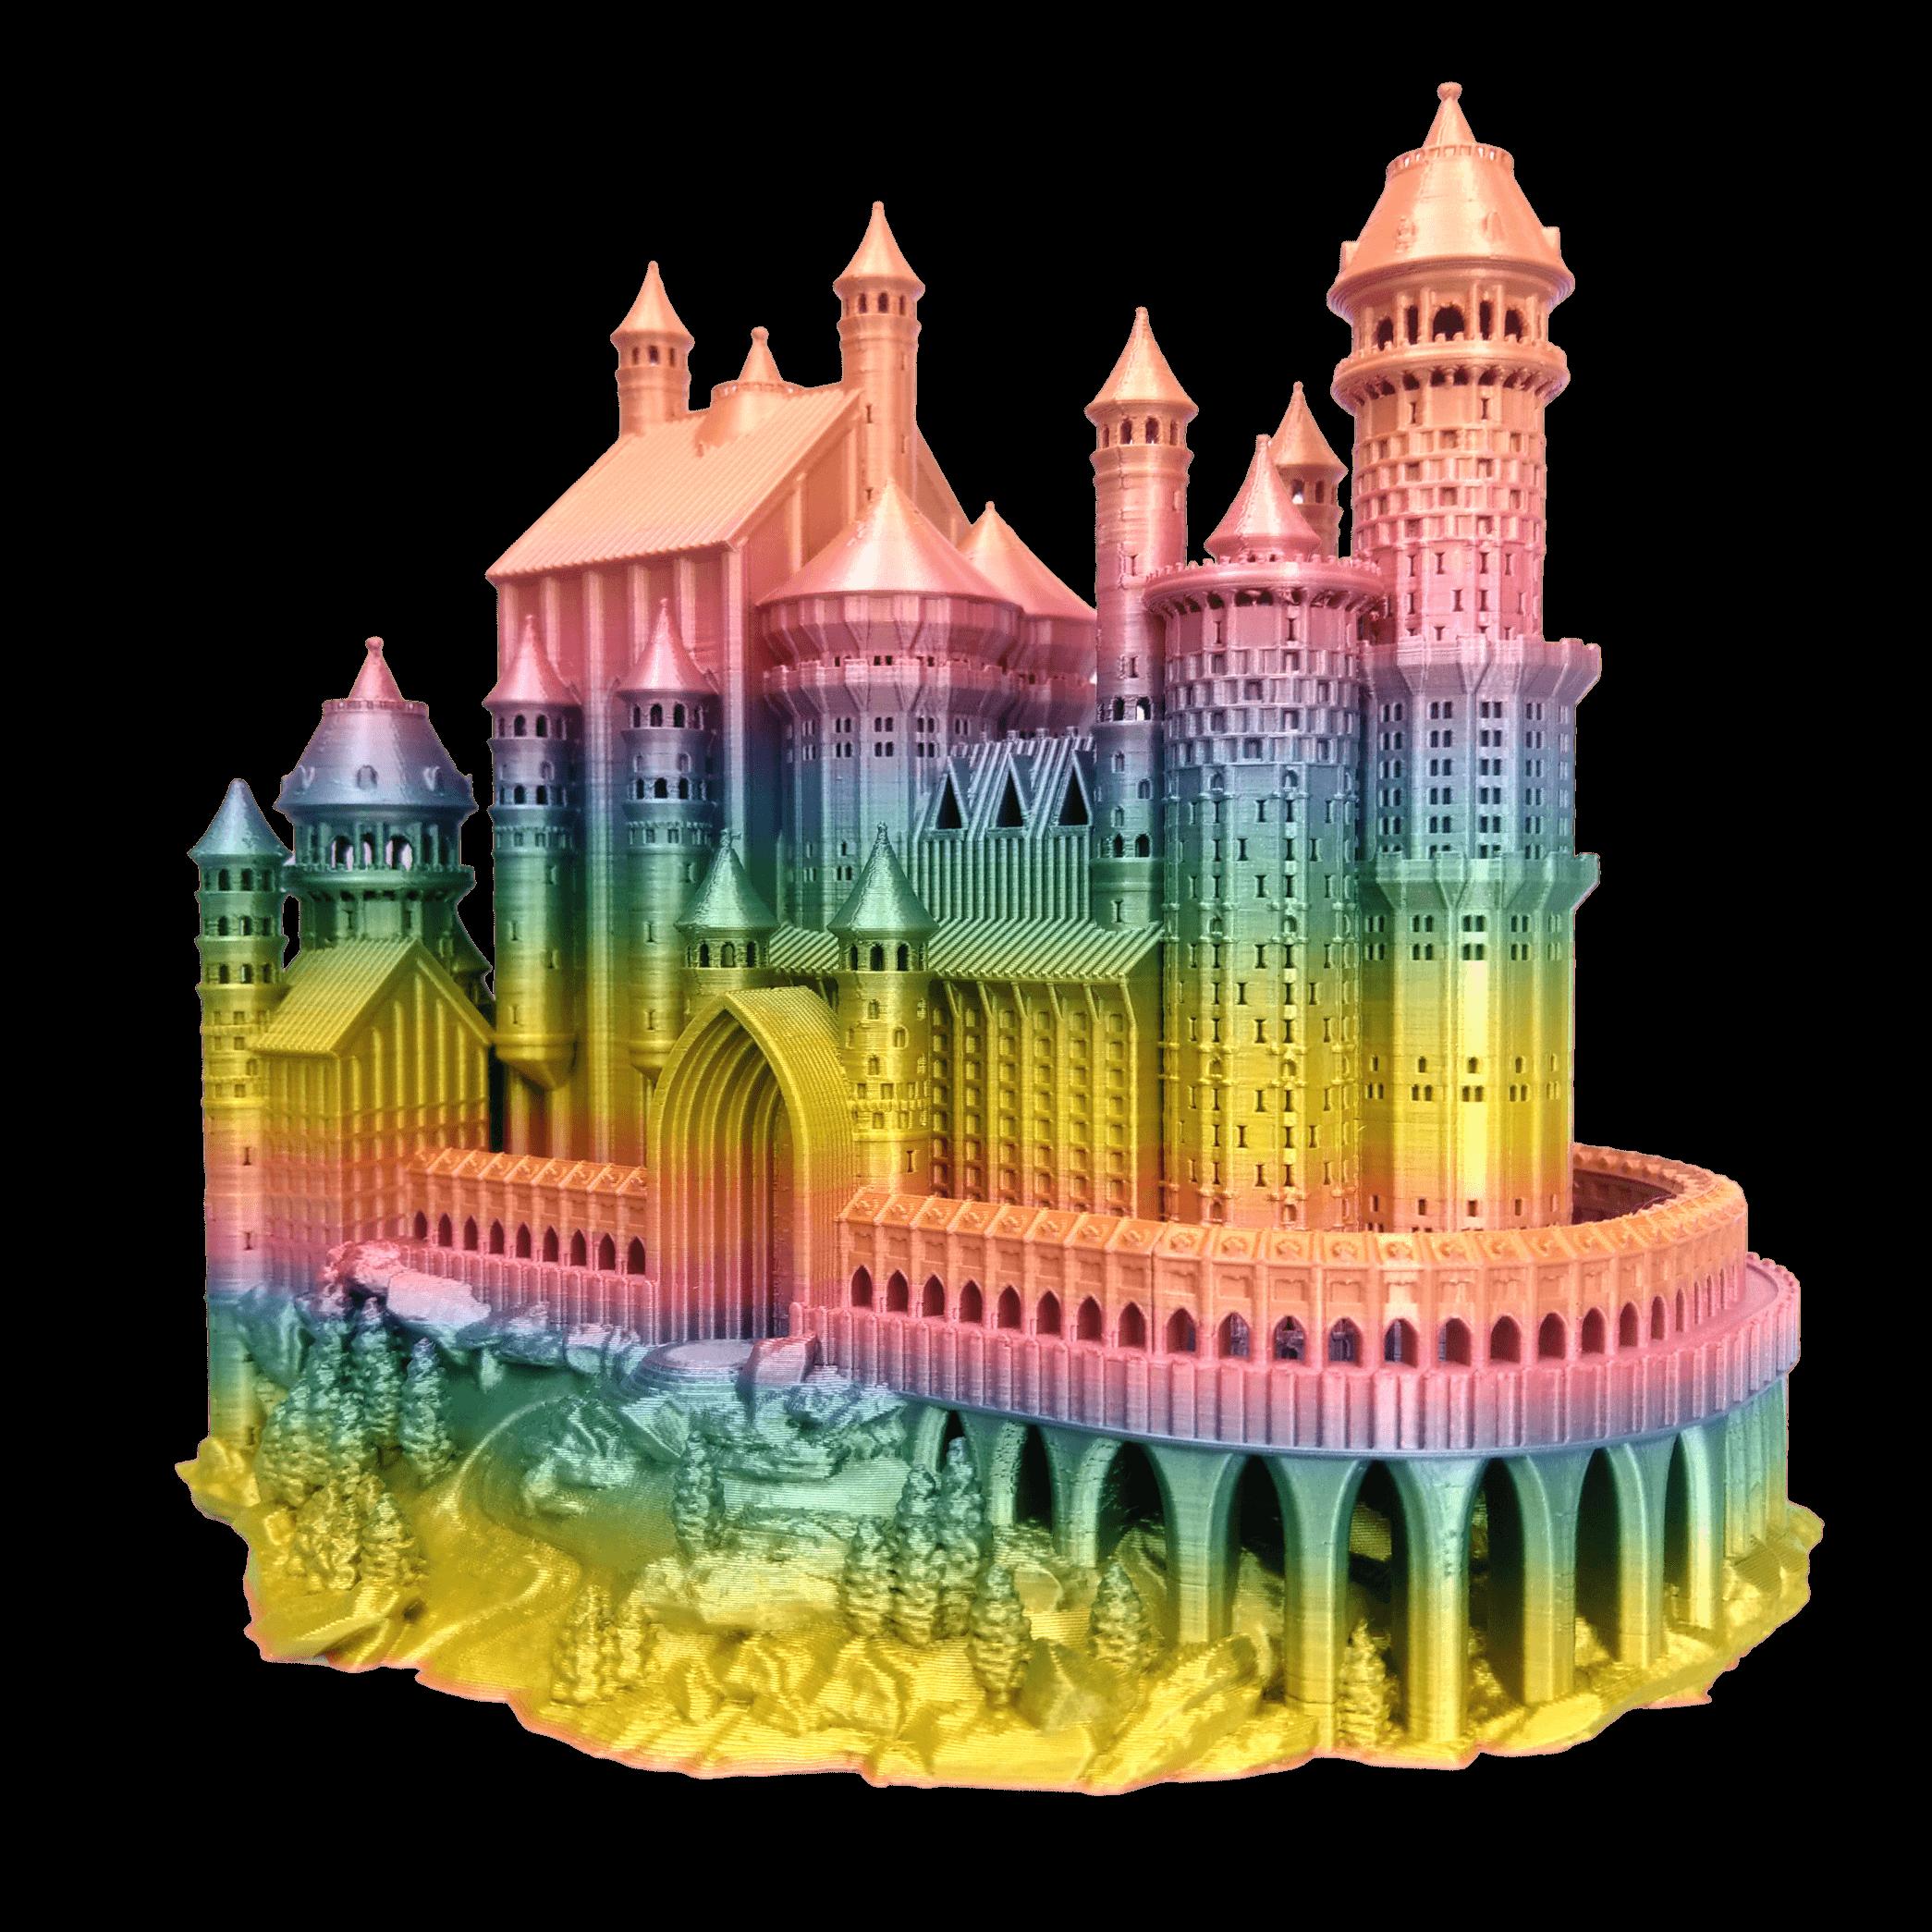 Zamek 3D: użyty materiał to PLA Rainbow Silk